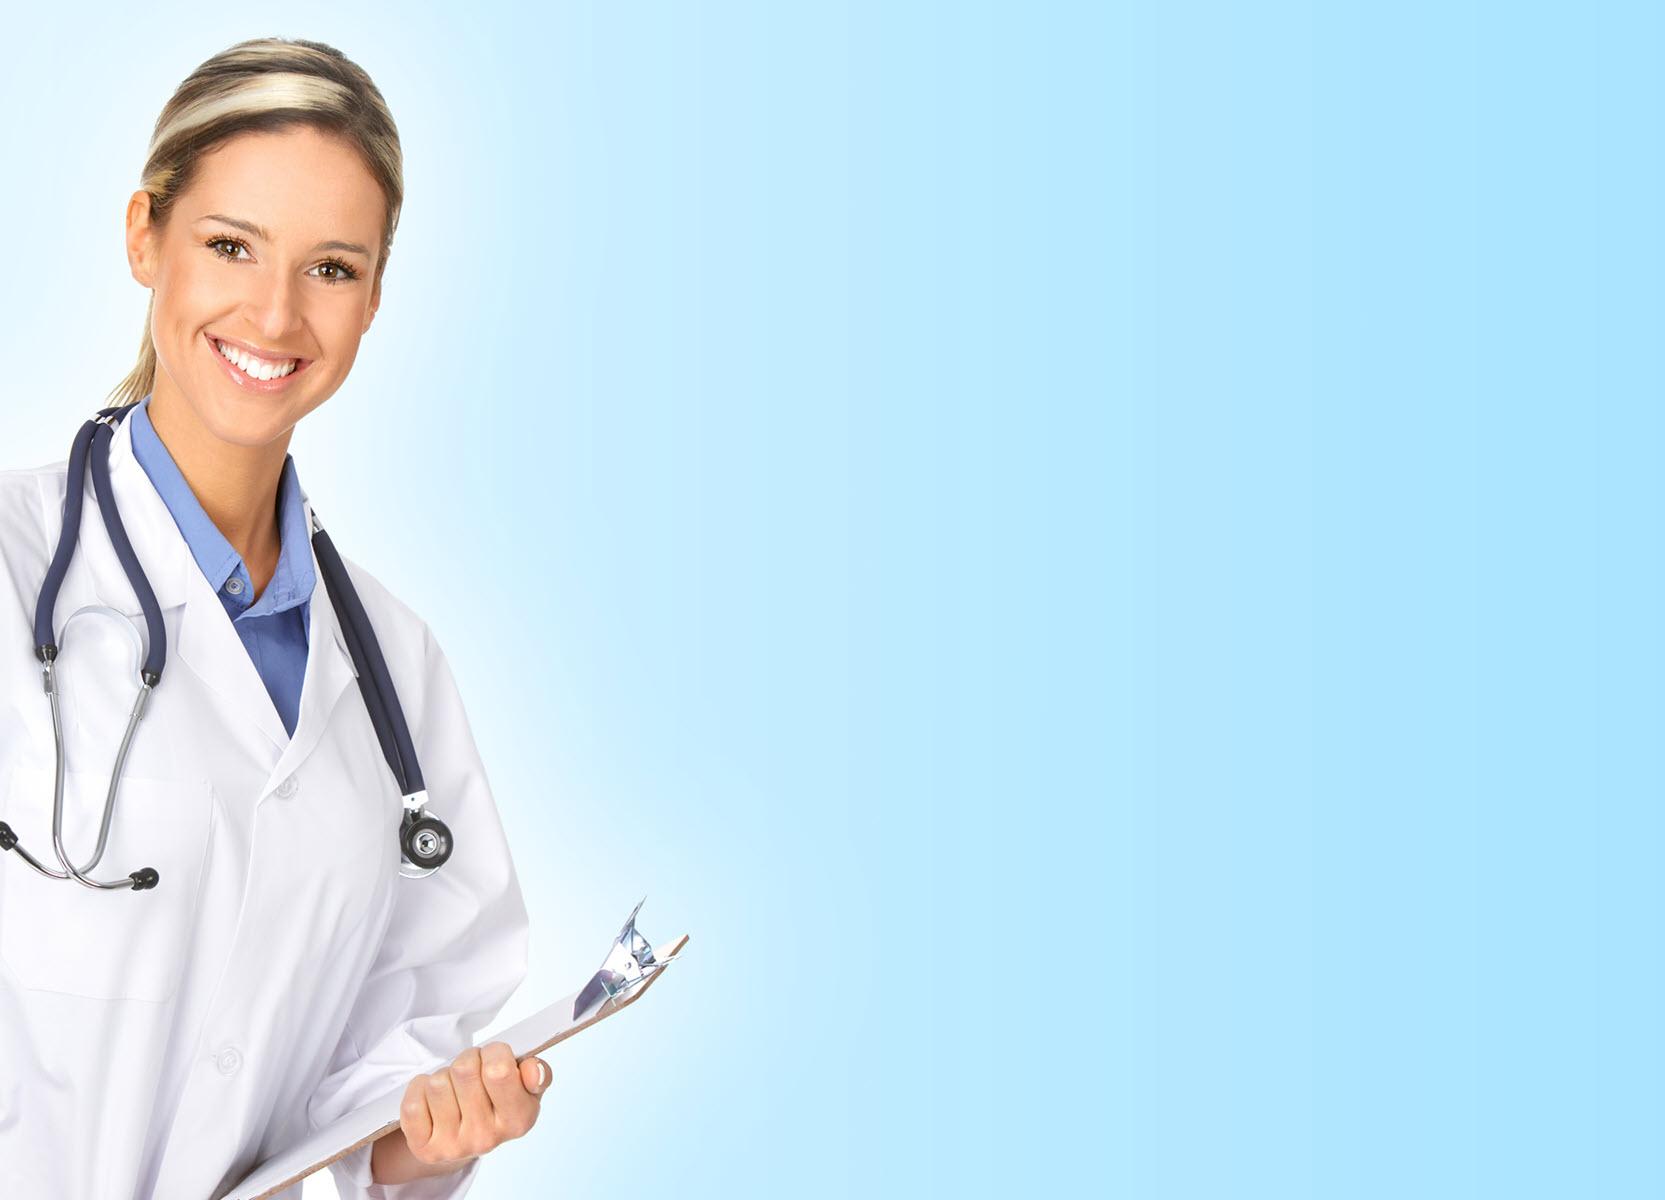 Hình nền Powerpoint đẹp chủ đề y khoa